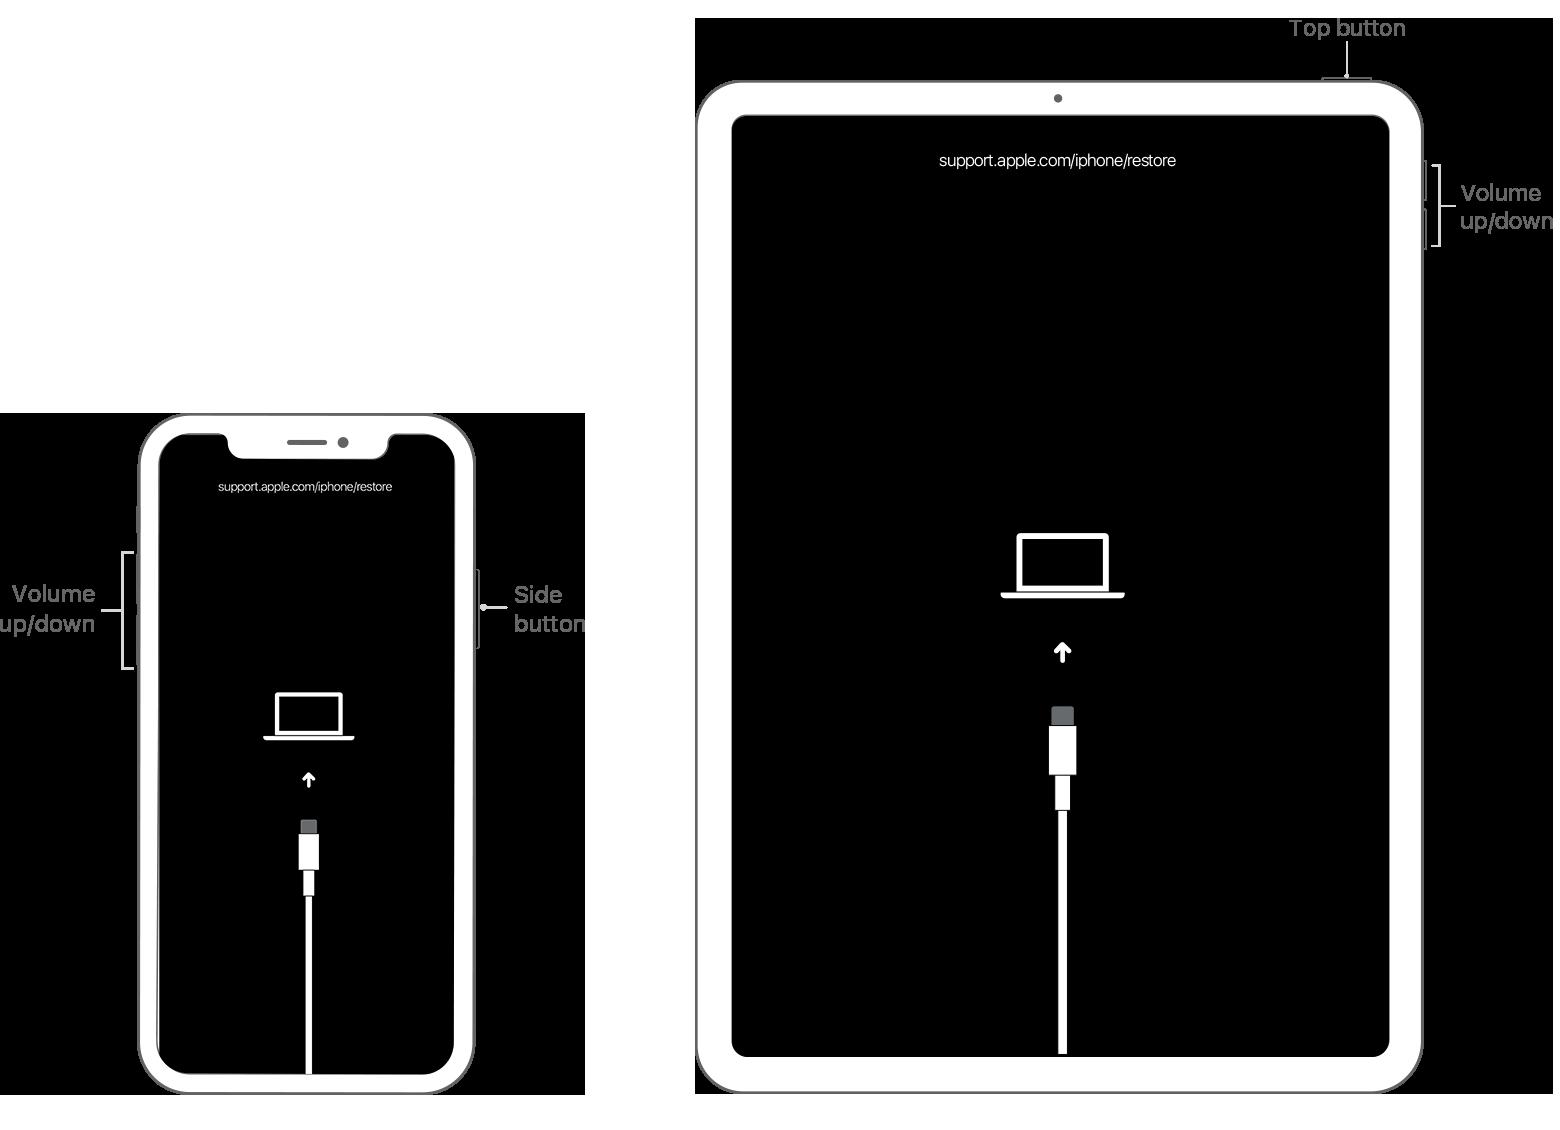 iphone a ipad restore